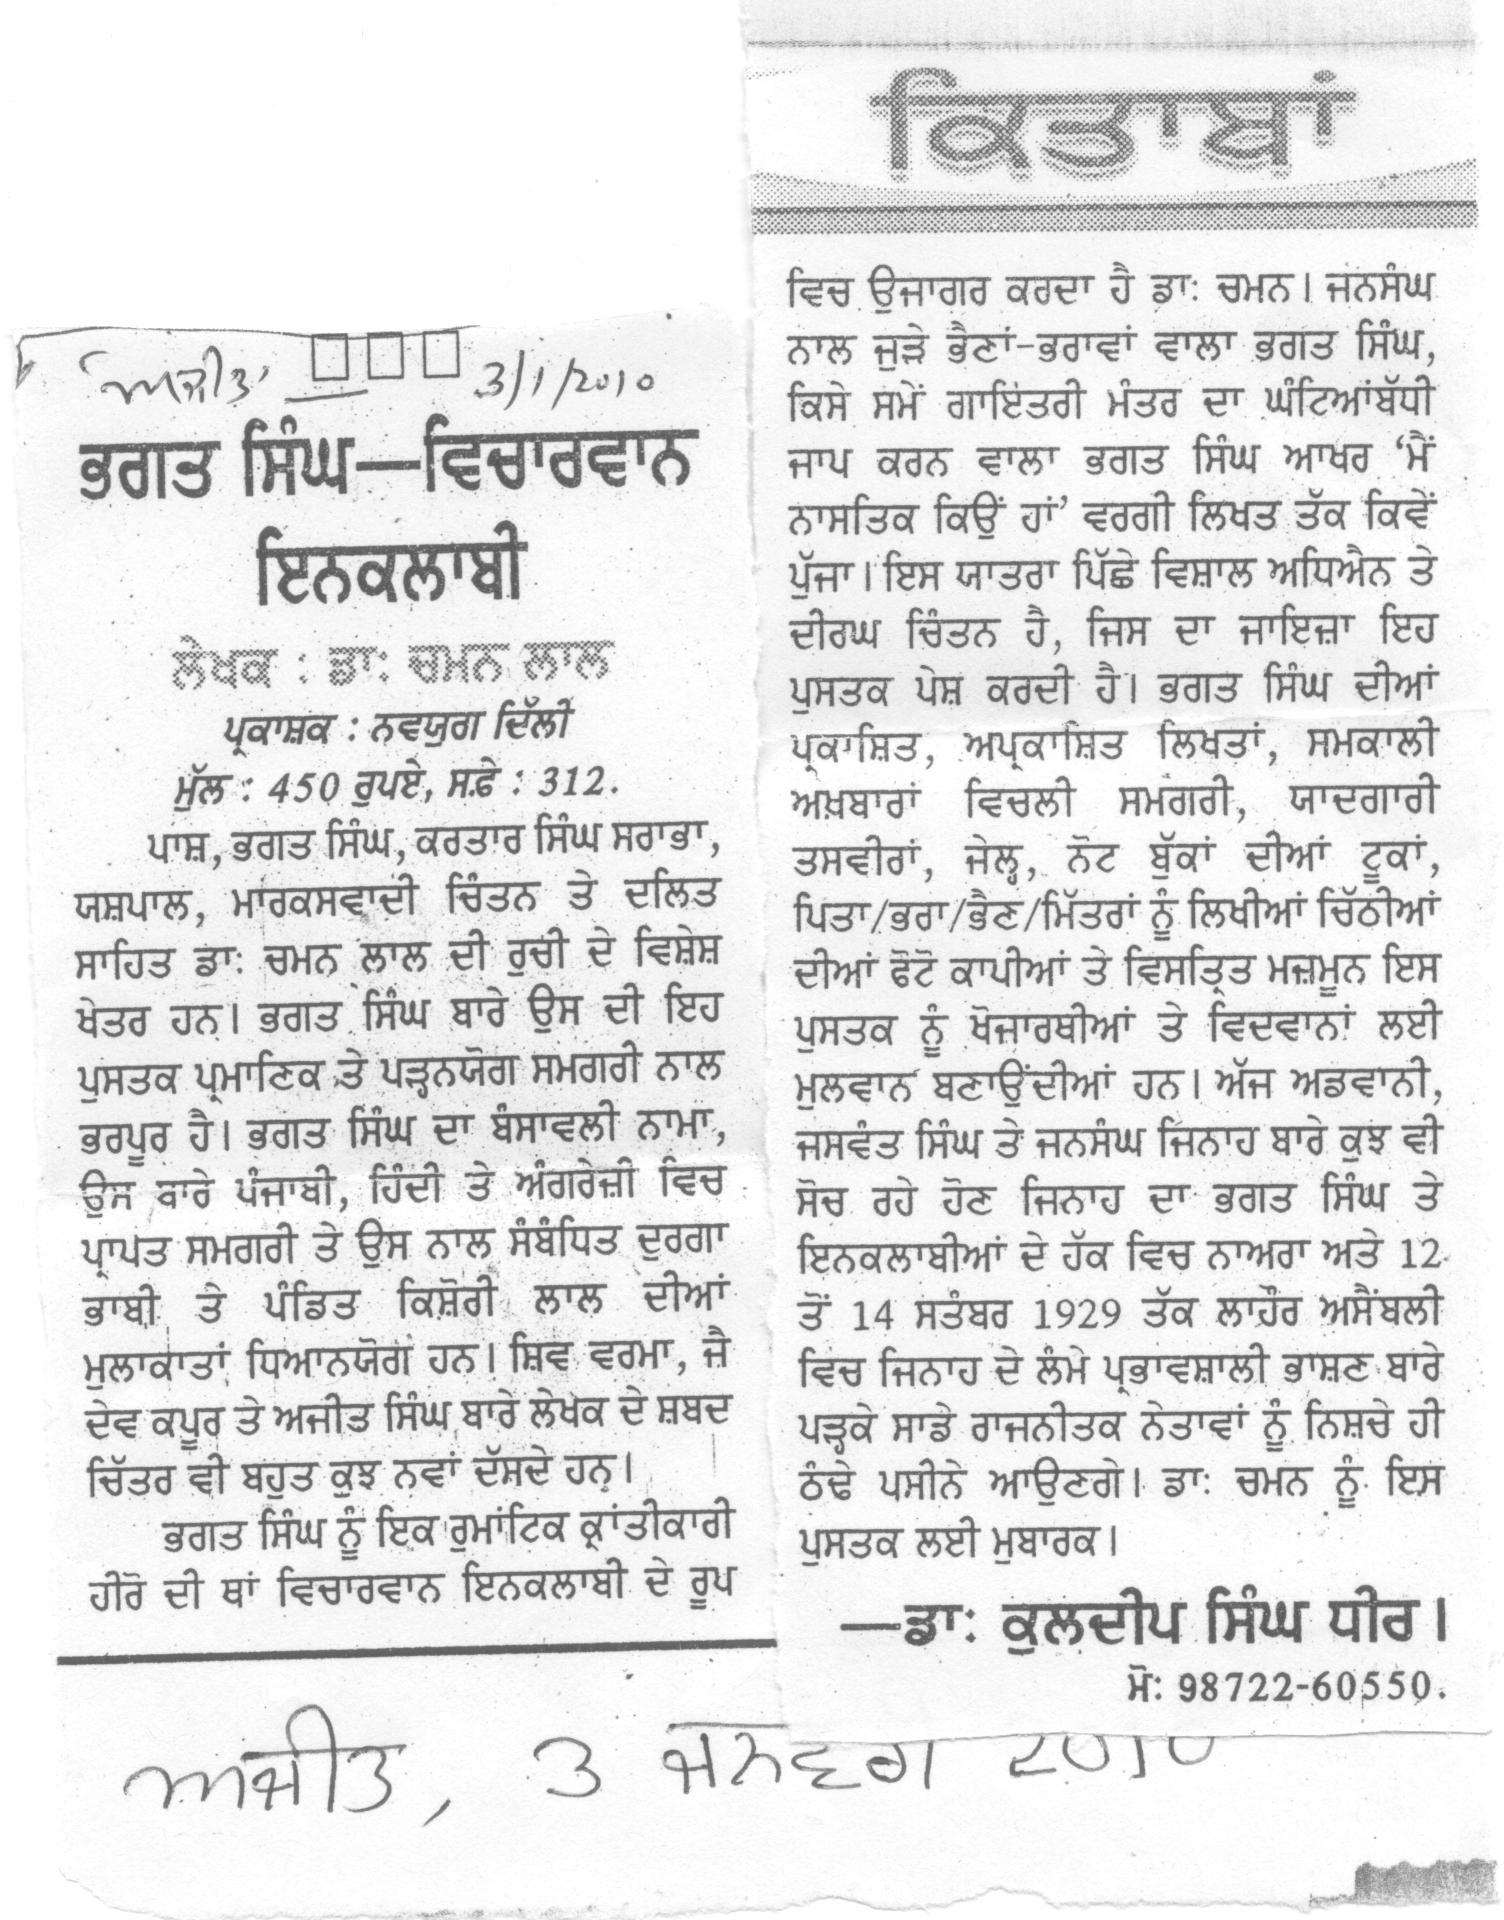 Daily ajit, Jalandhar